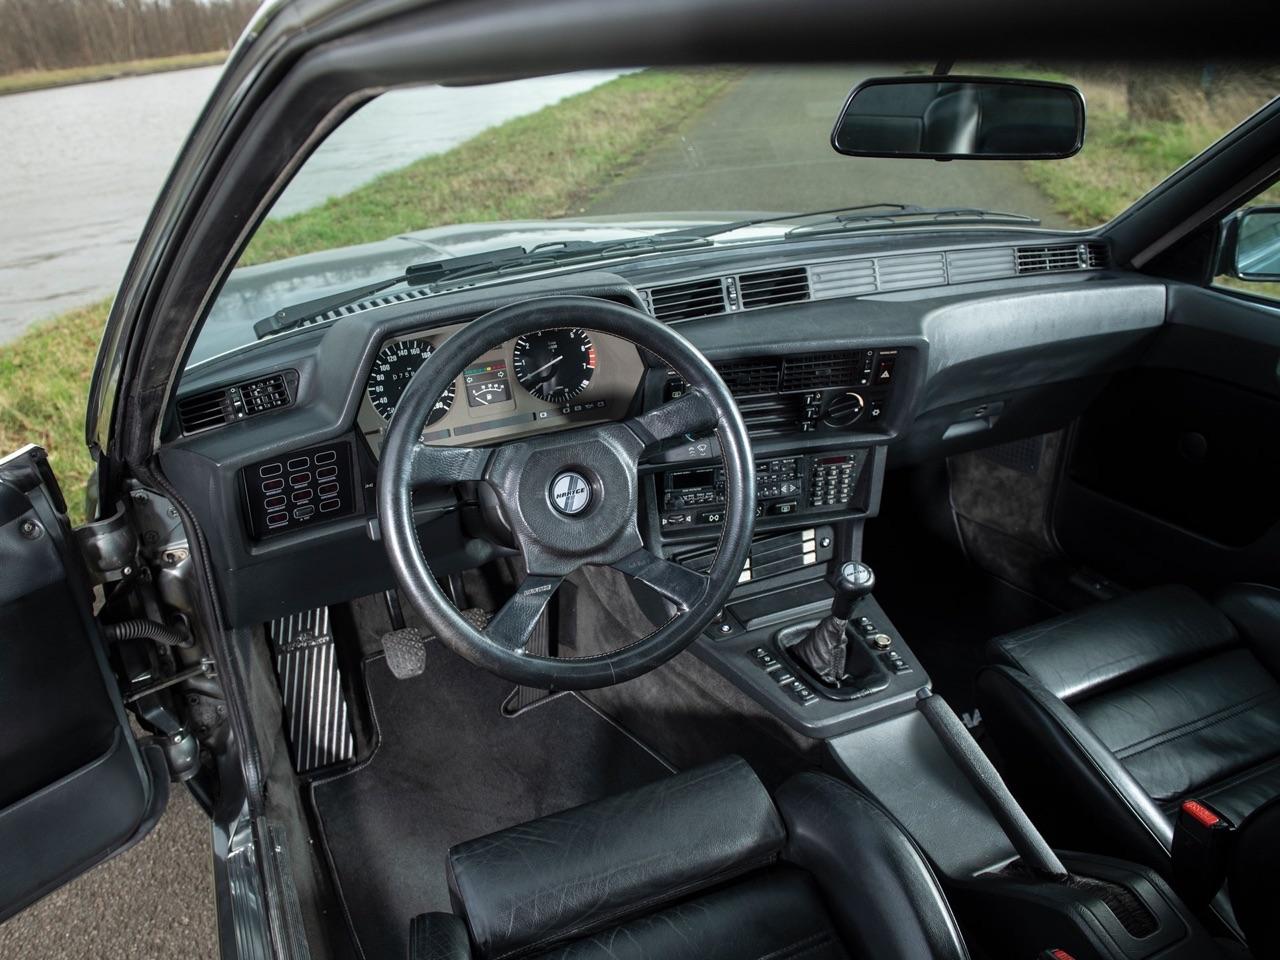 De BMW 635 Csi à Hartge H6 SP 3